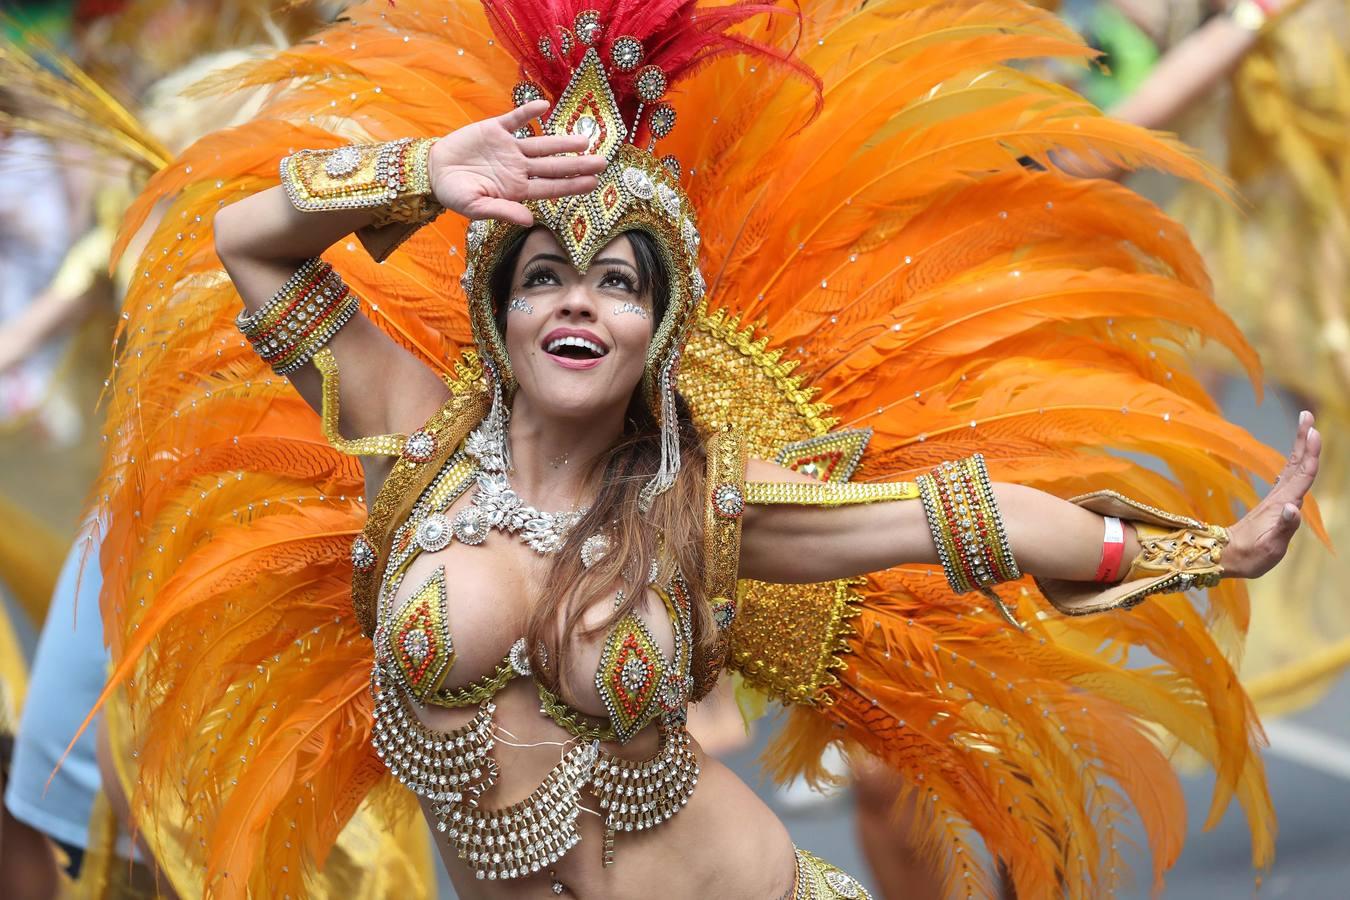 Explosión de color en el Carnaval de Notting Hill